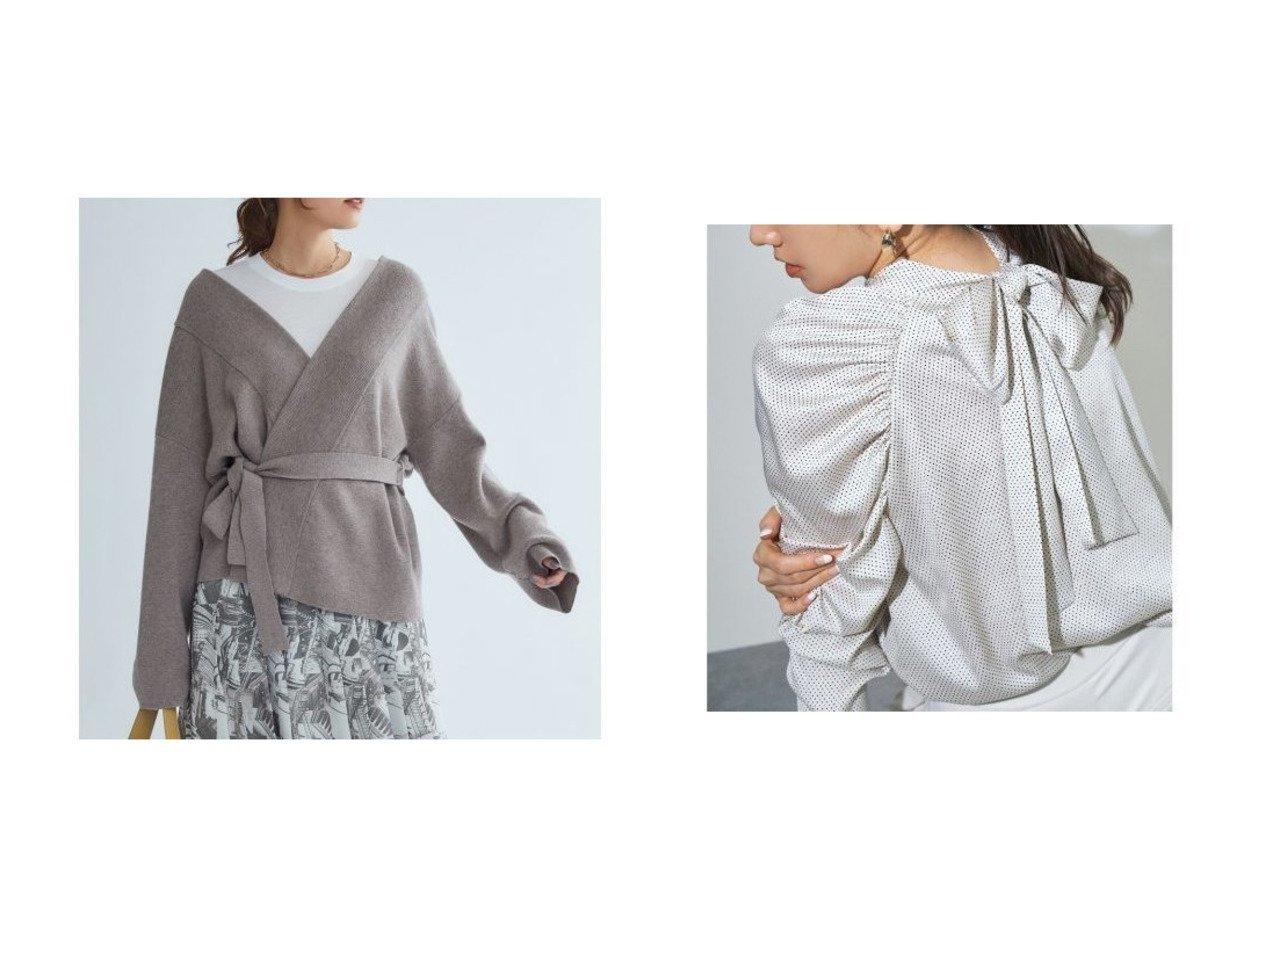 【Mila Owen/ミラオーウェン】の太衿ショートニットガウン&【CELFORD/セルフォード】のバックリボンドットブラウス トップス・カットソーのおすすめ!人気、レディースファッションの通販  おすすめで人気のファッション通販商品 インテリア・家具・キッズファッション・メンズファッション・レディースファッション・服の通販 founy(ファニー) https://founy.com/ ファッション Fashion レディース WOMEN トップス Tops Tshirt ニット Knit Tops カーディガン Cardigans シャツ/ブラウス Shirts Blouses なめらか カーディガン スマート ルーズ ギャザー サテン トレンド ドット 定番 手描き ボトム ランダム リボン 冬 Winter  ID:crp329100000005099